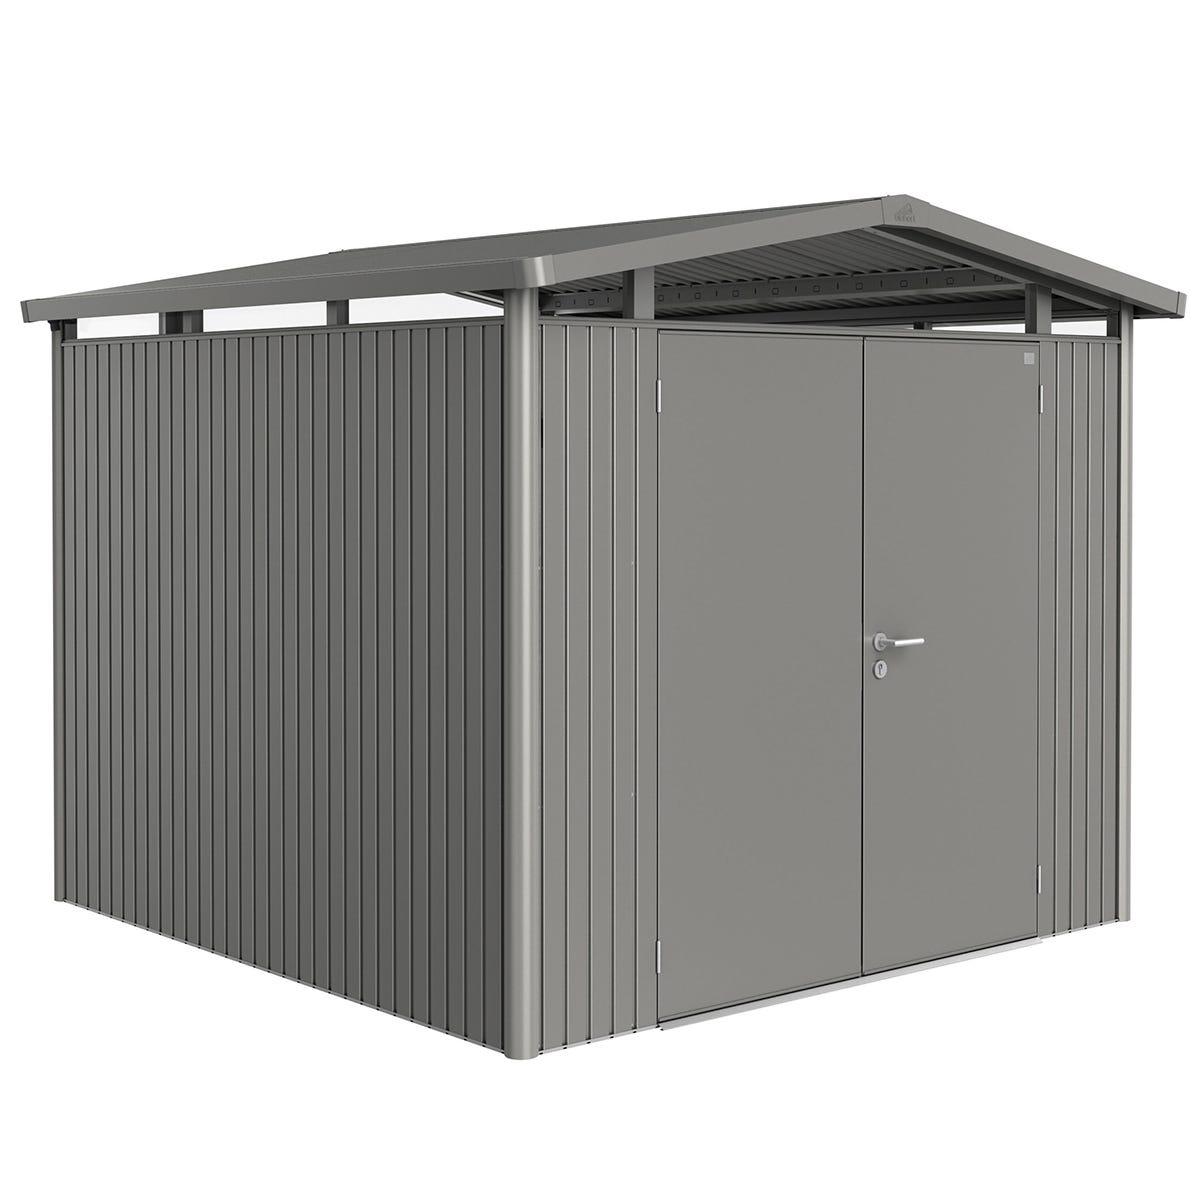 Biohort Panorama Metal Shed P4 Double Door 9' x 9' 1'' - Quartz Grey